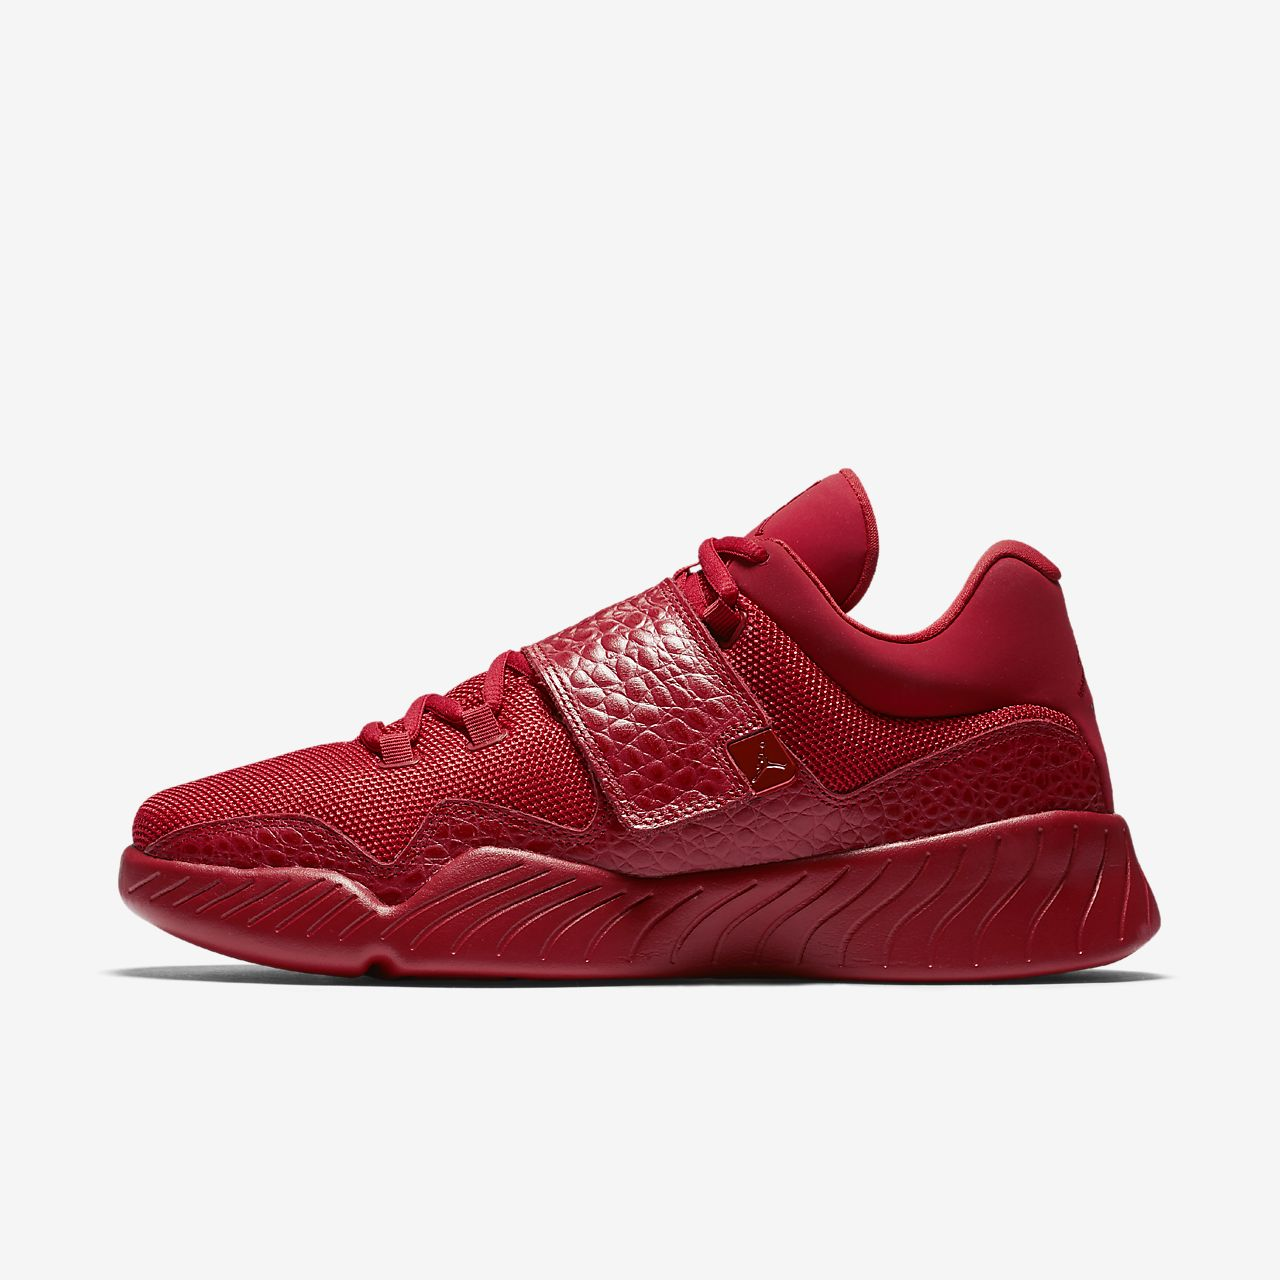 Jordan Shoes - Blanc / Gris / Rouge J23: 45 clairance excellente 2K82qazzK